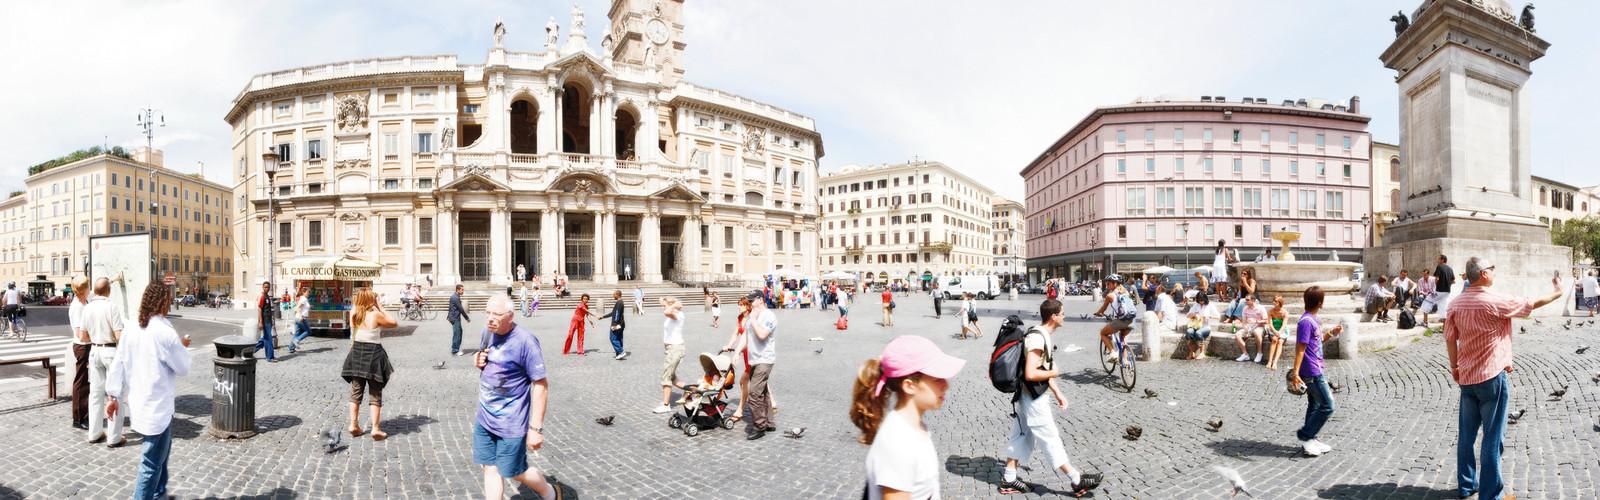 Untiltled (S.Maria Maggiore)